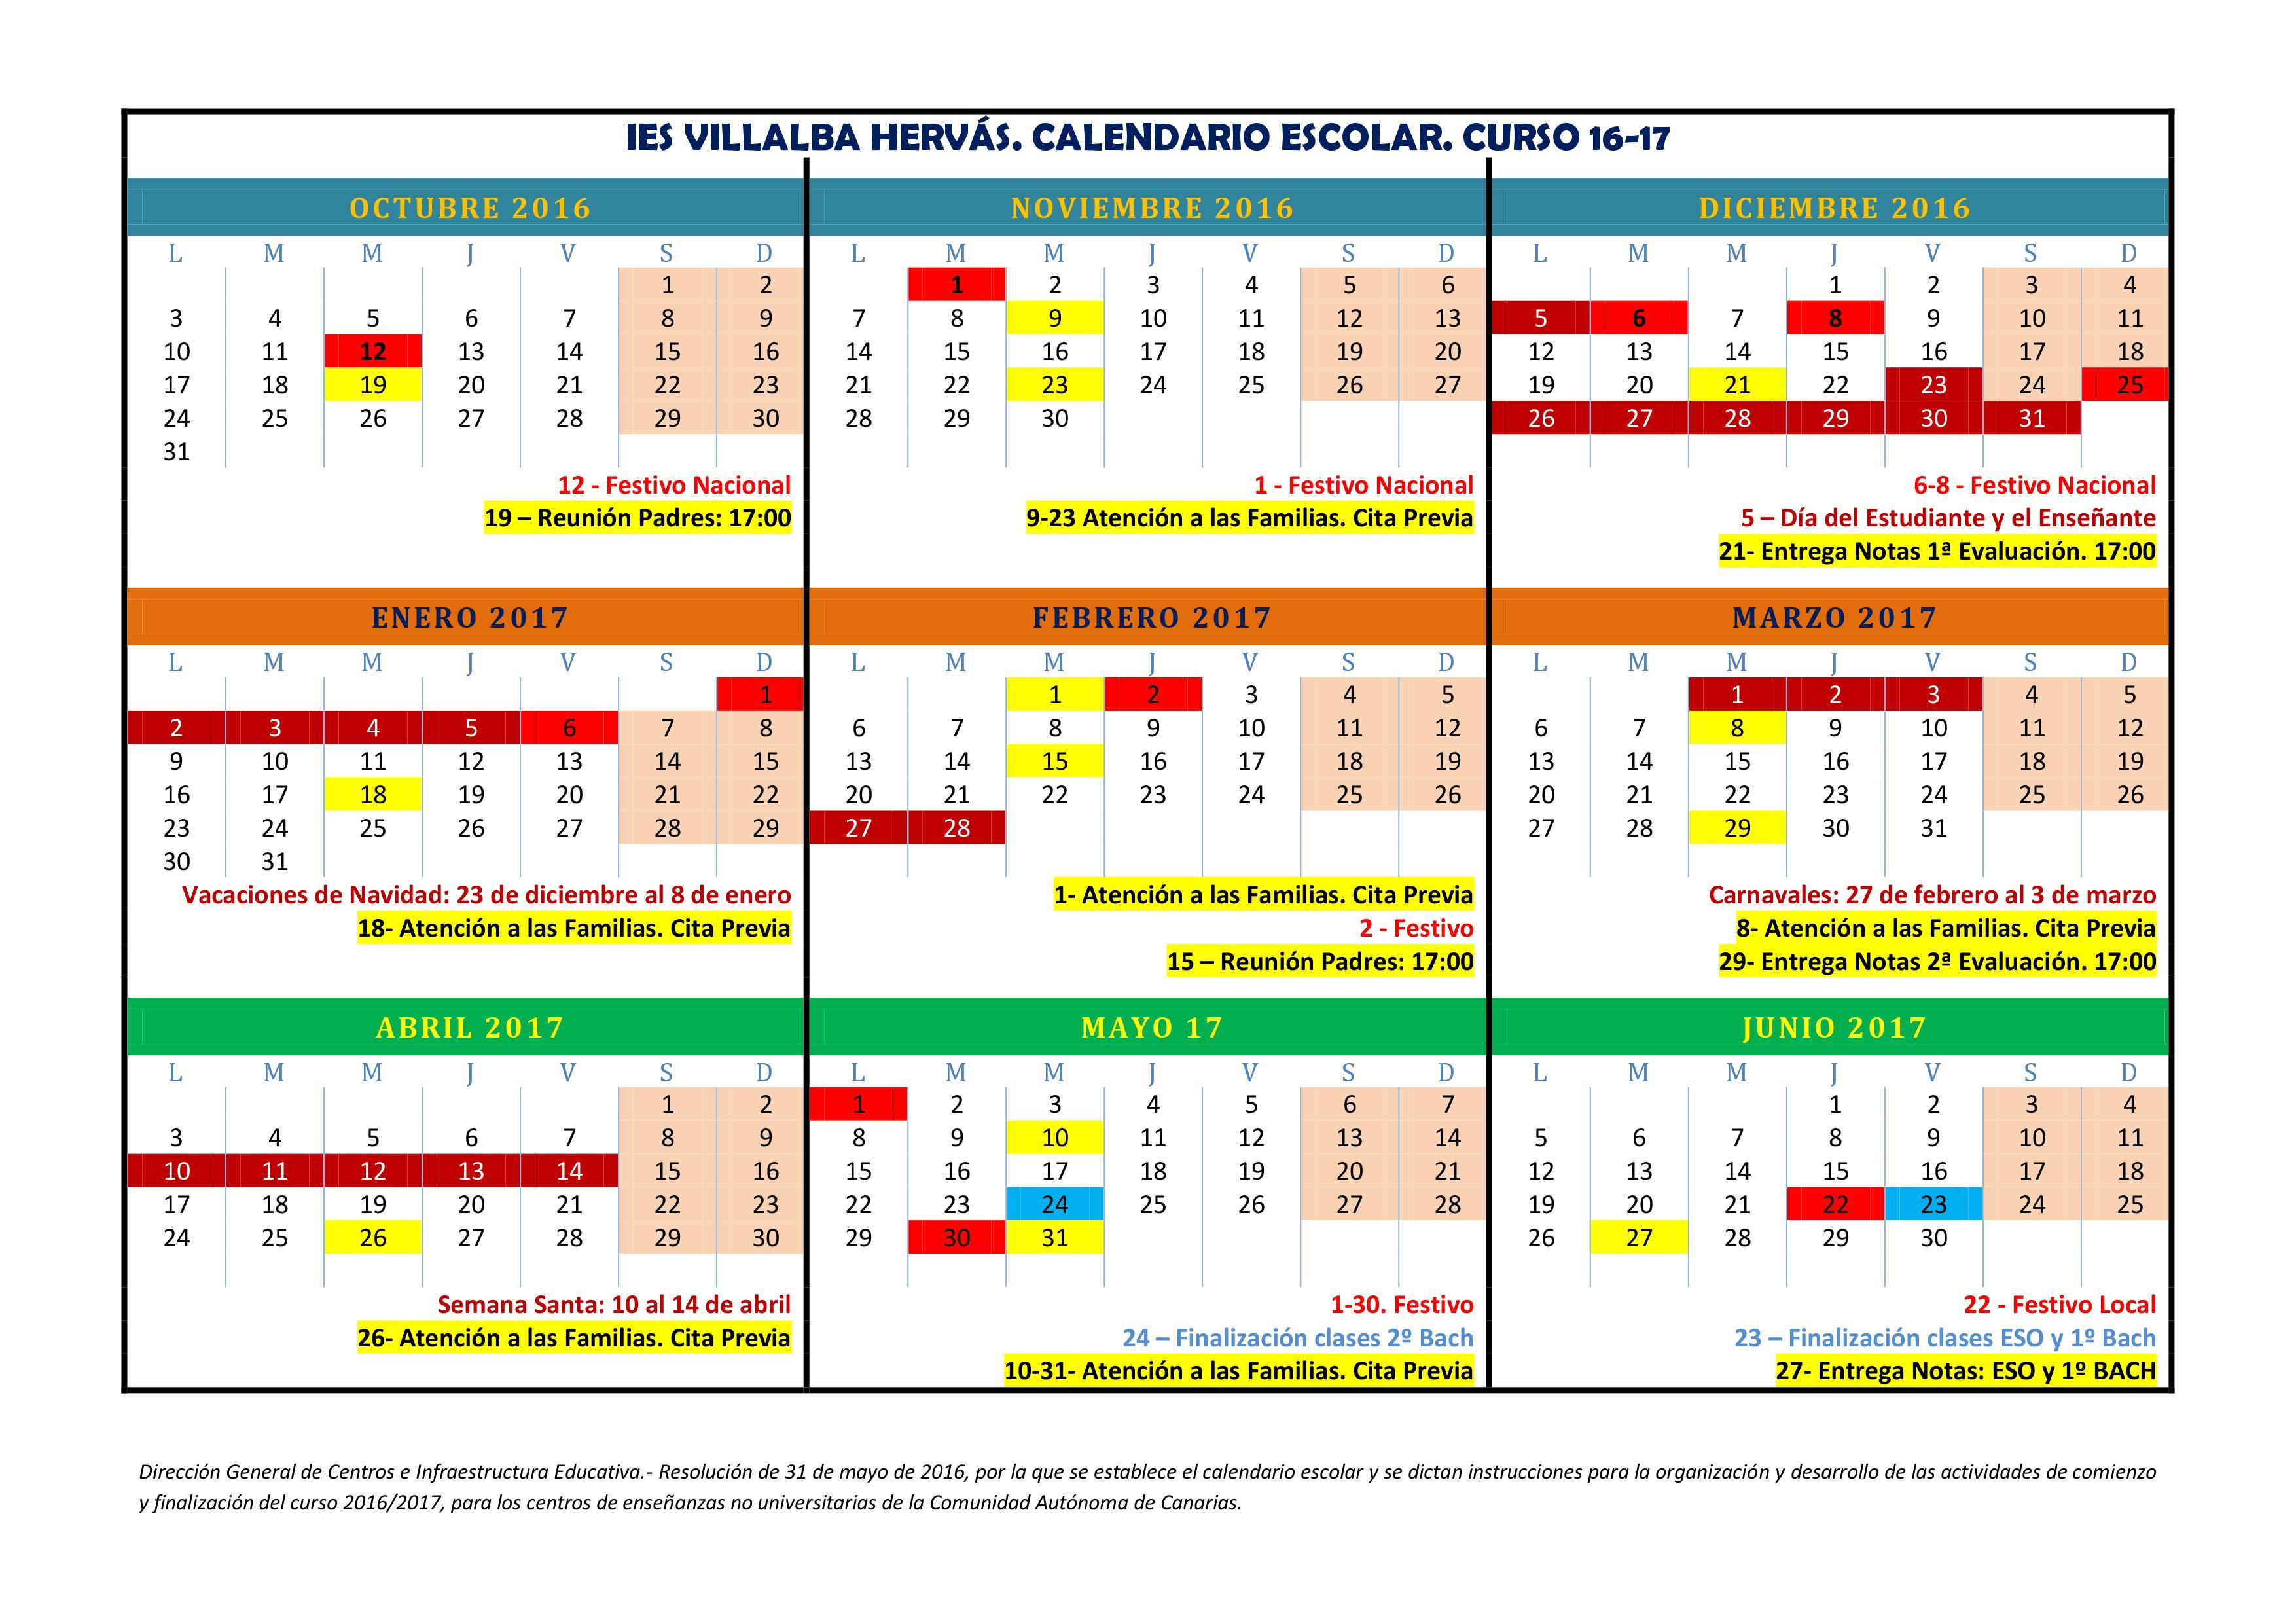 Calendario 16-17 Villalba